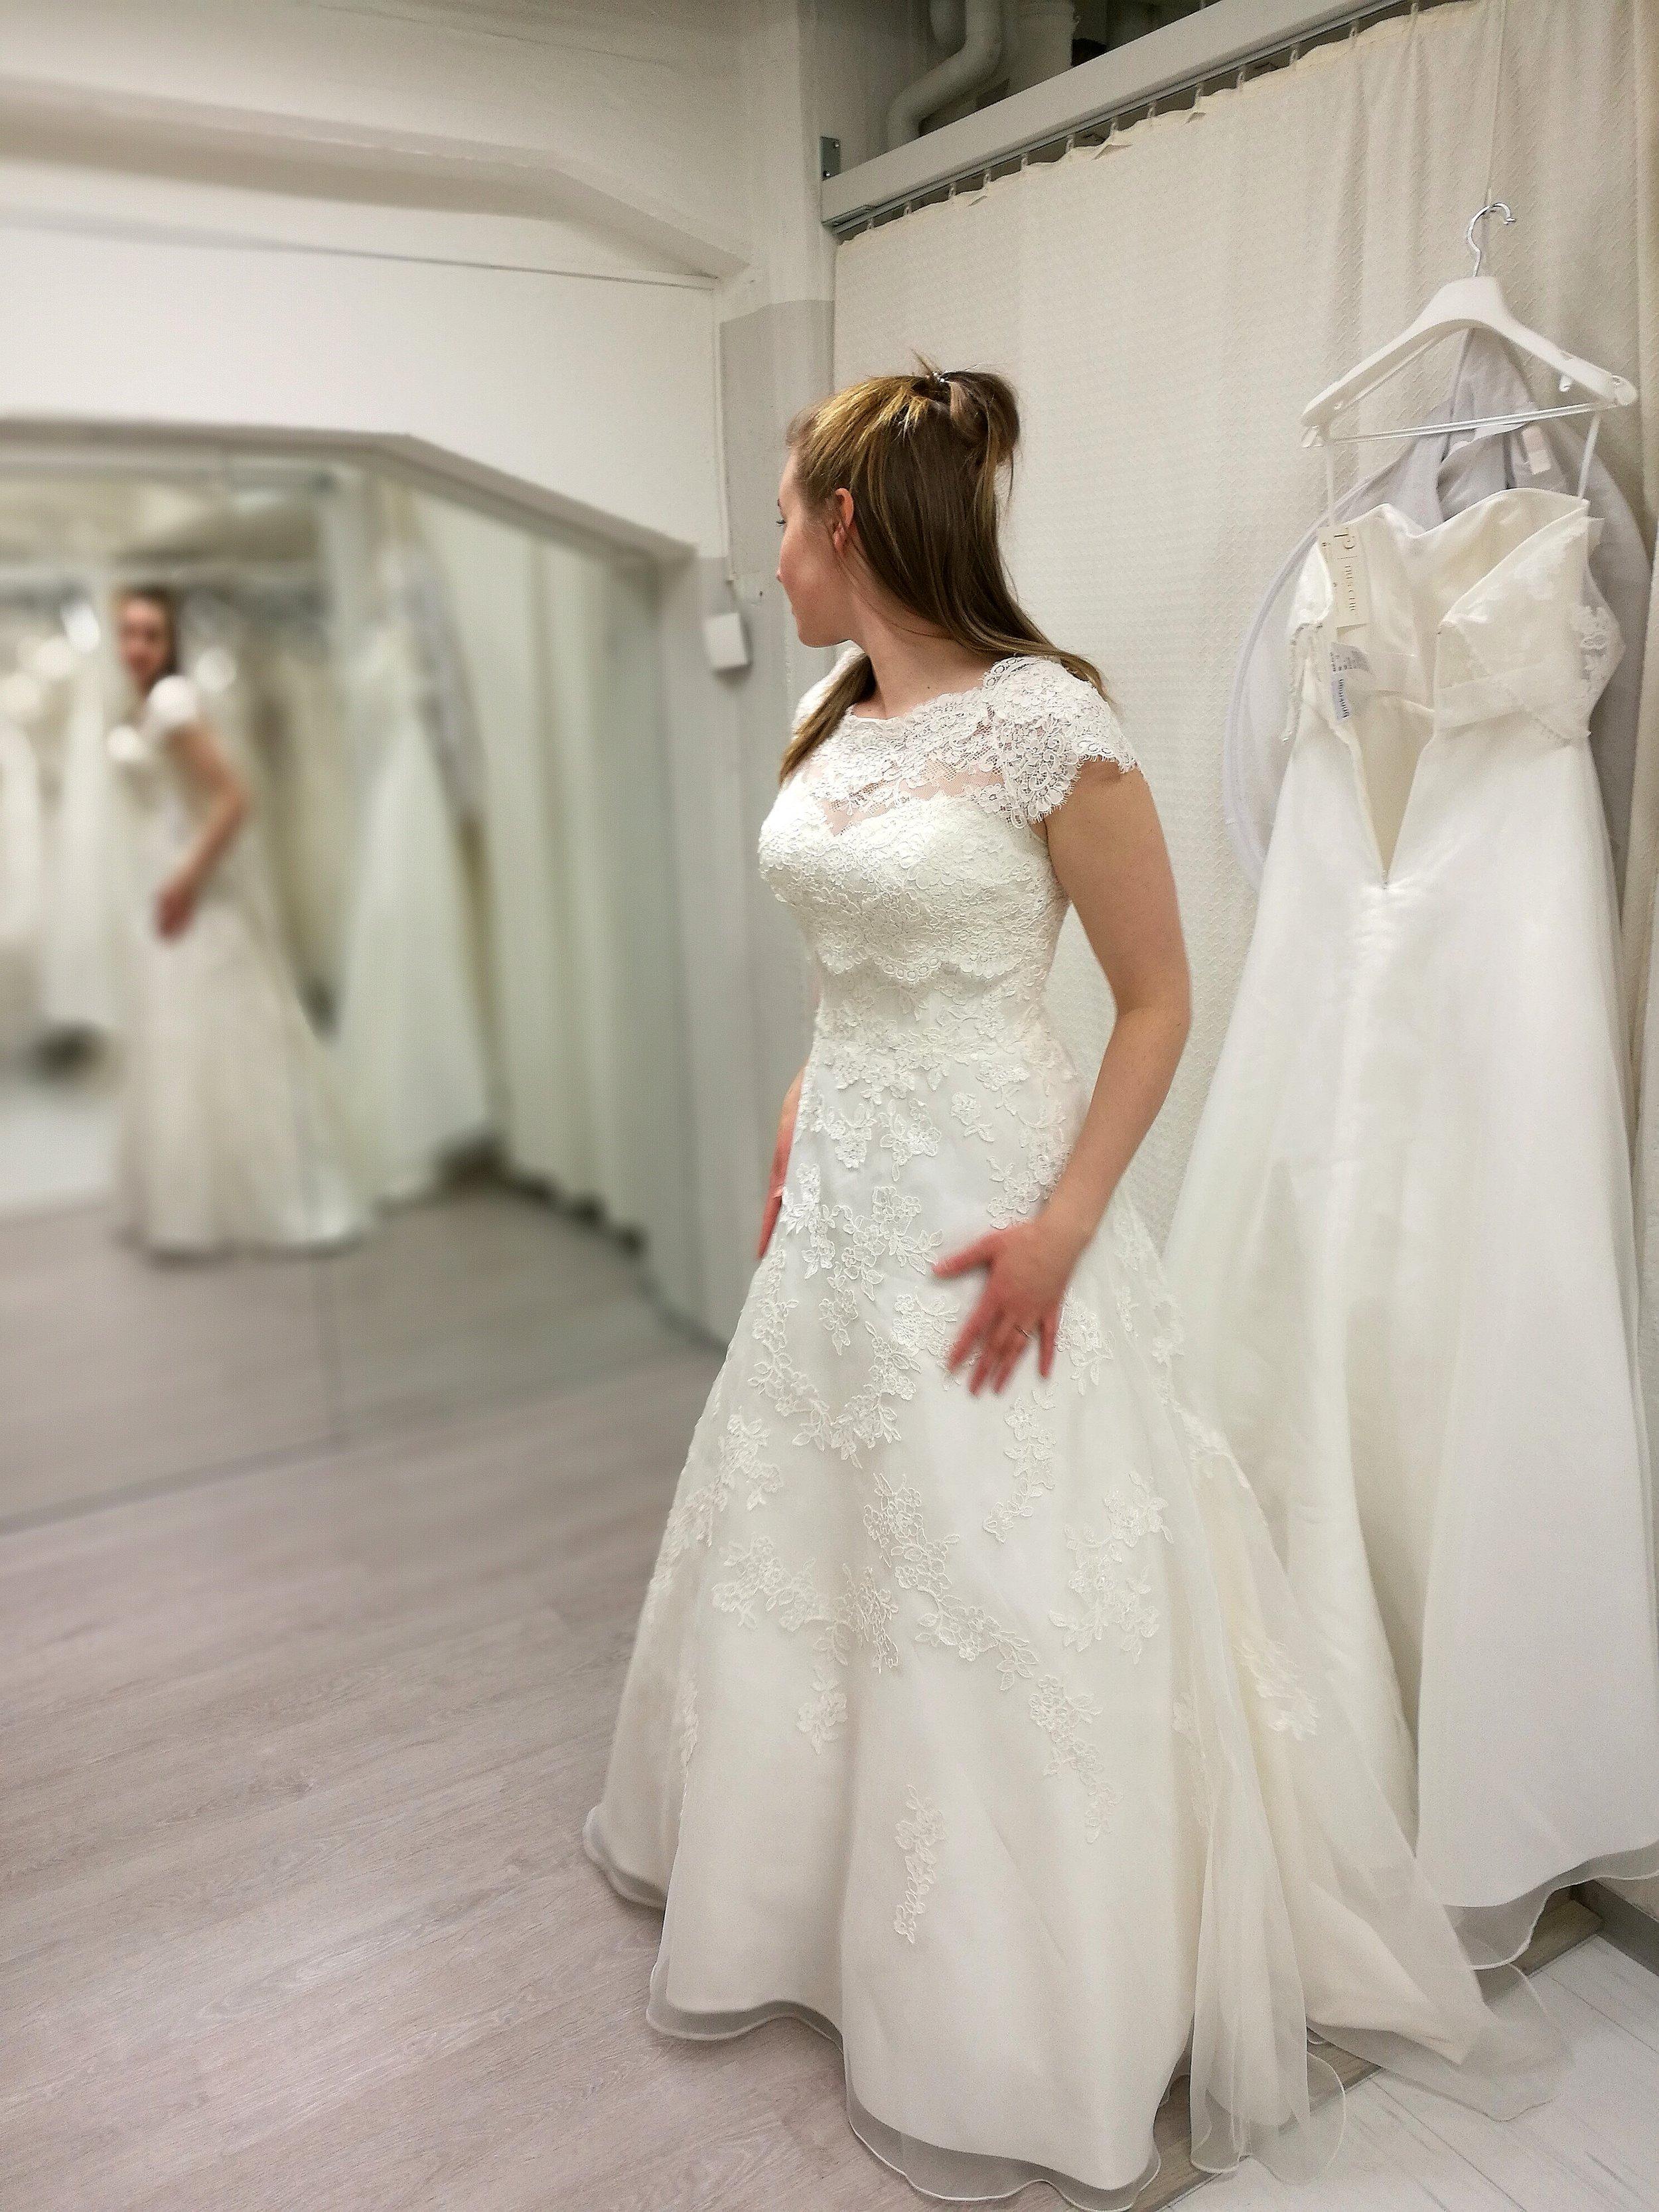 Ensimmäiset järkyttävät hetket hääpuvussa. Mielestäni mekko näytti aivan naamiasasulta, vaikka mekko hyvin kaunis olikin. :)